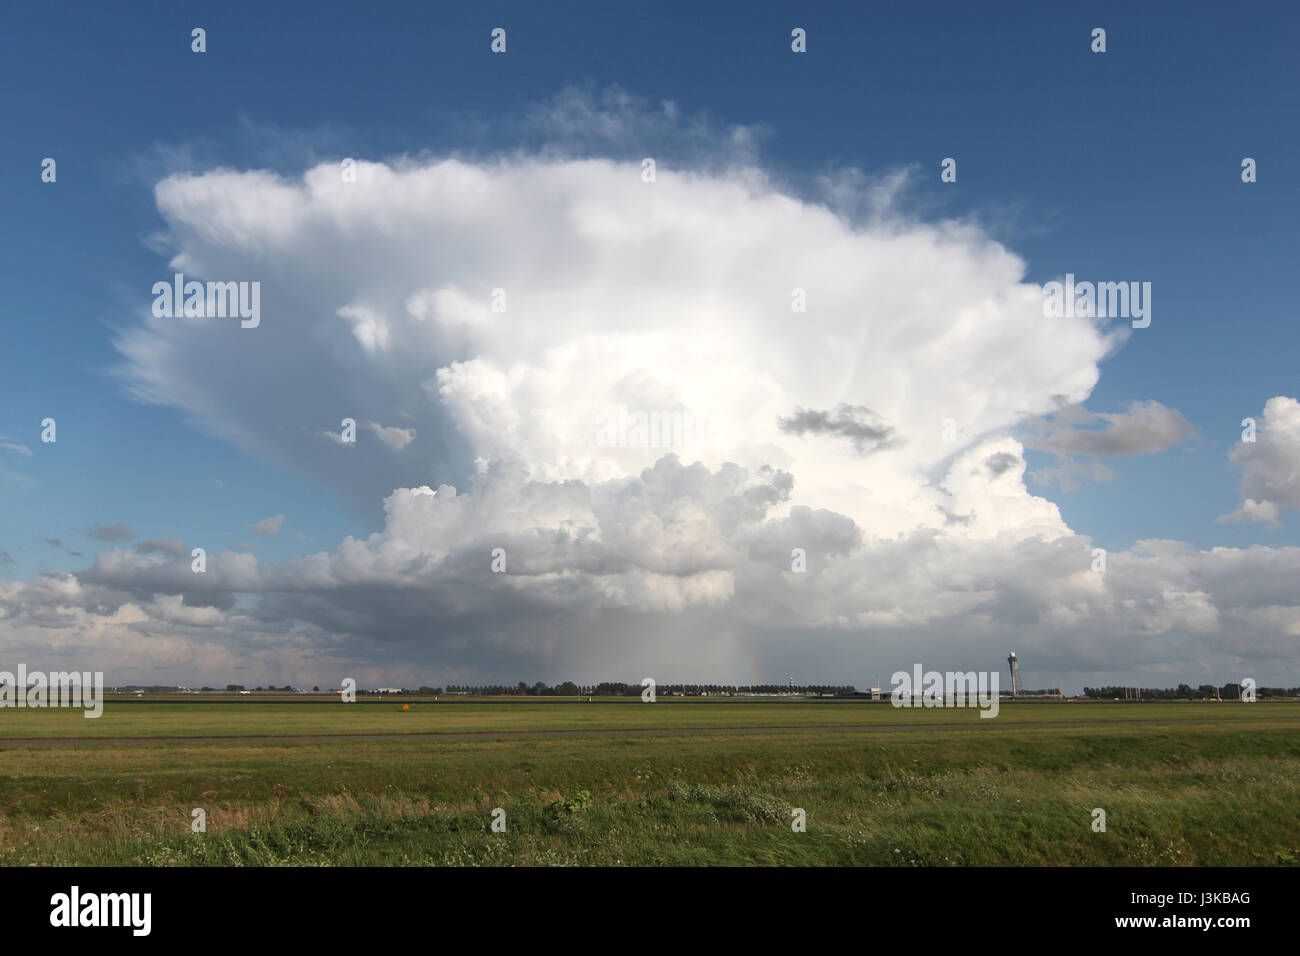 Anvil Incus Stockfotos & Anvil Incus Bilder - Alamy